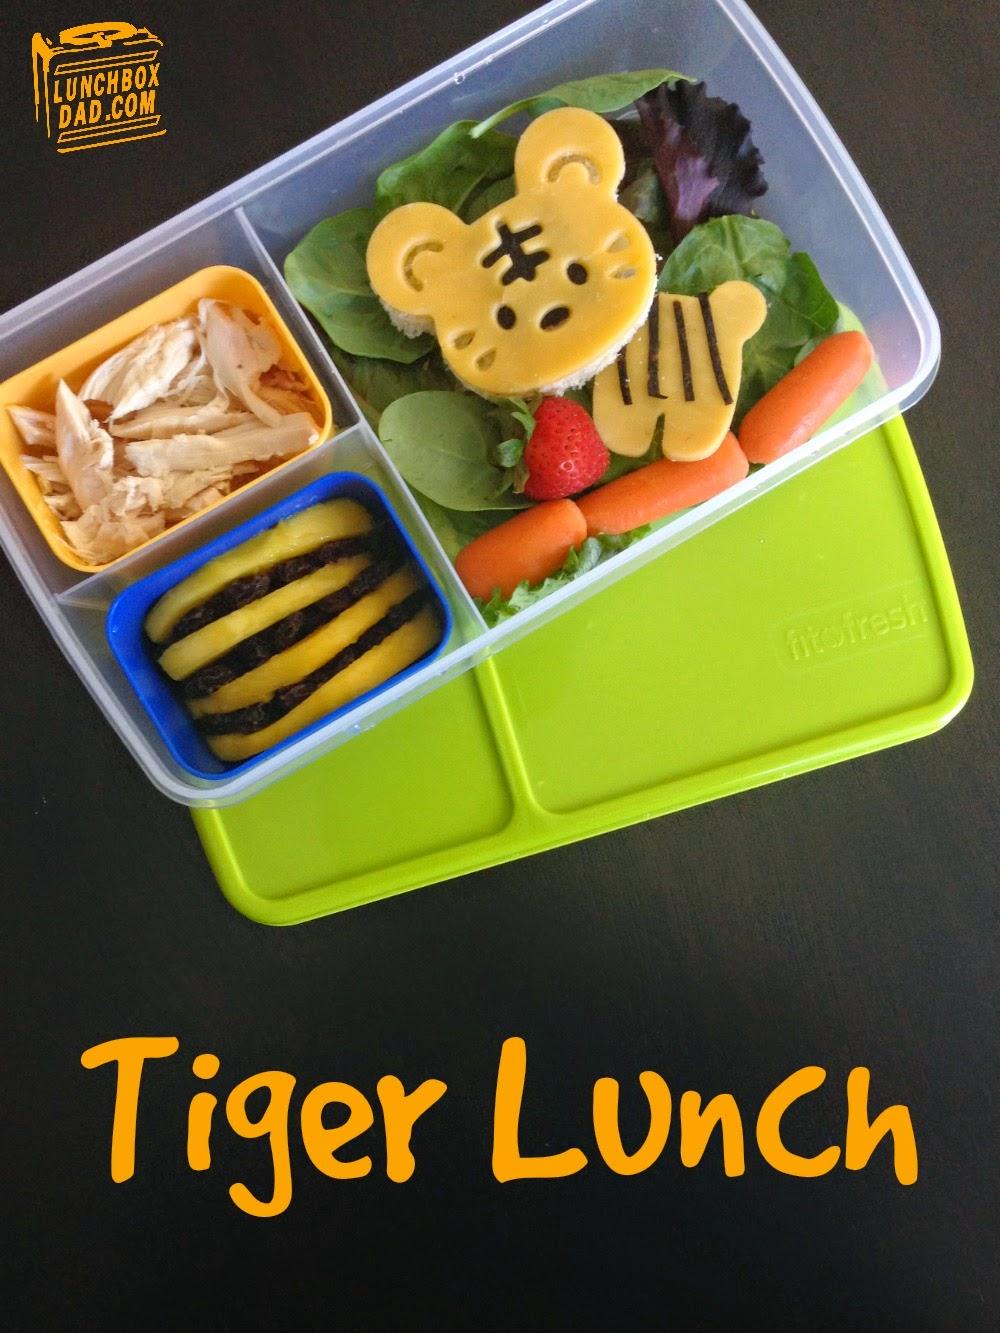 Un papa prépare une Lunch Box Tiger